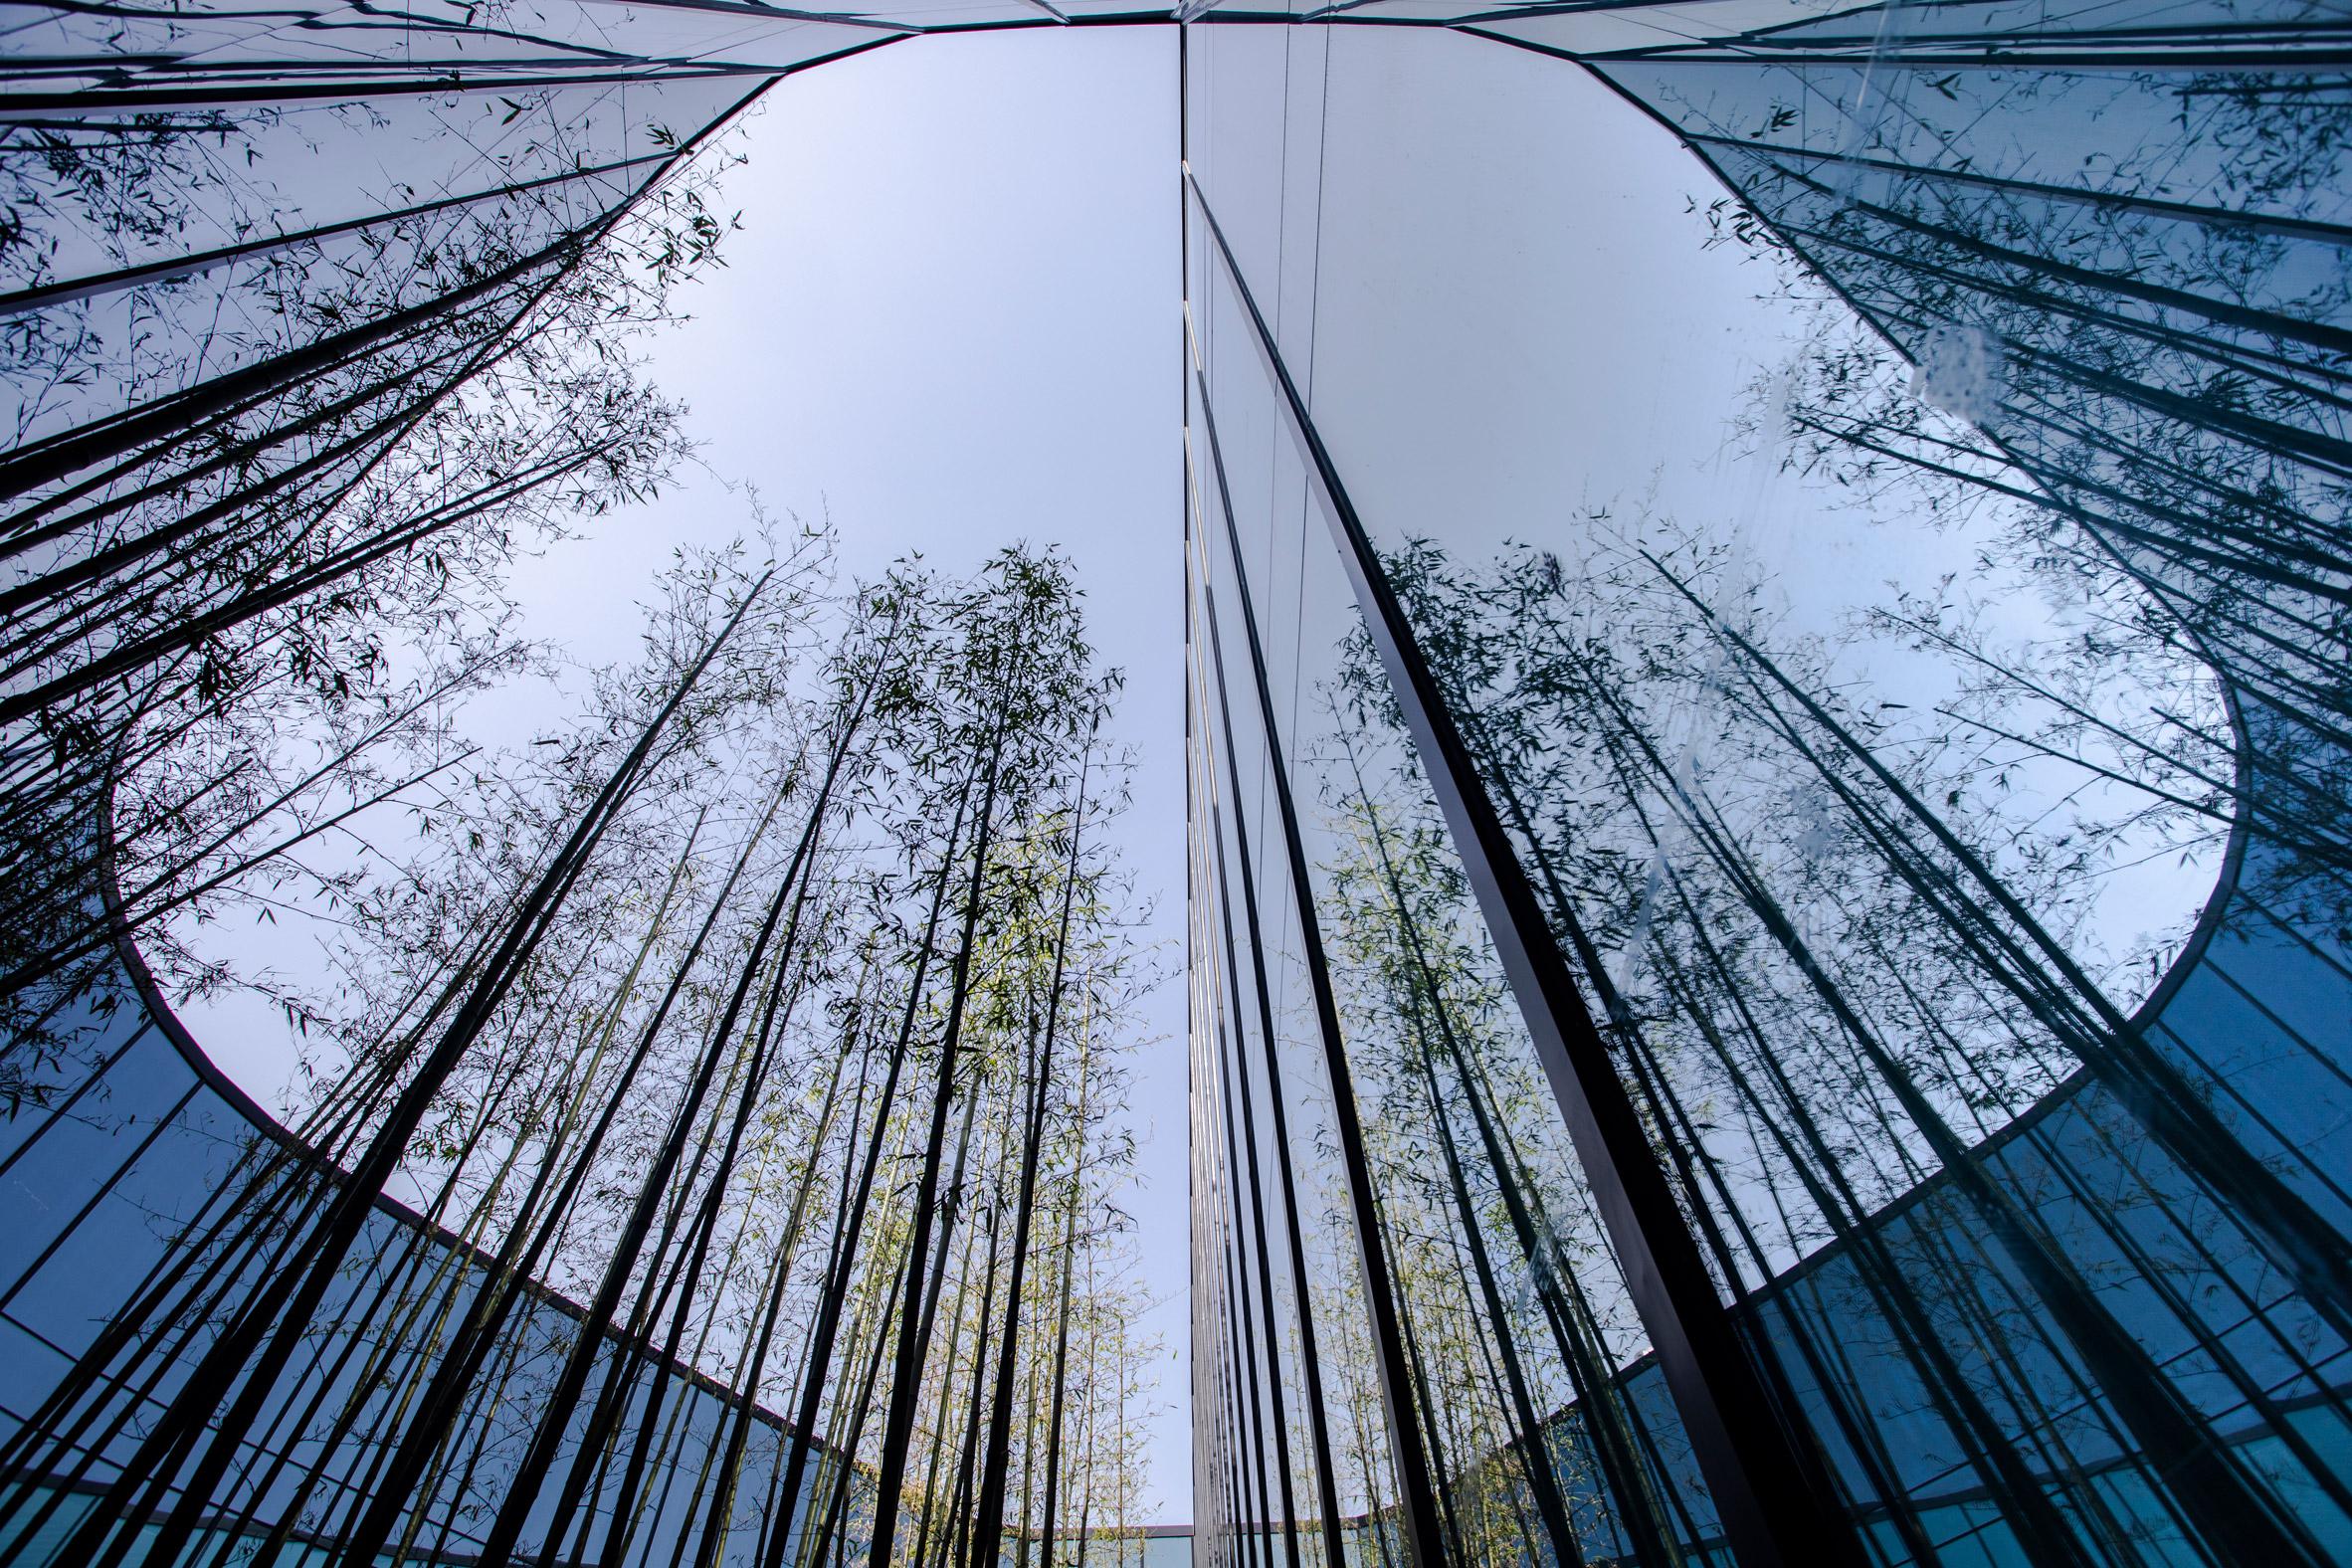 A tree-lined atrium